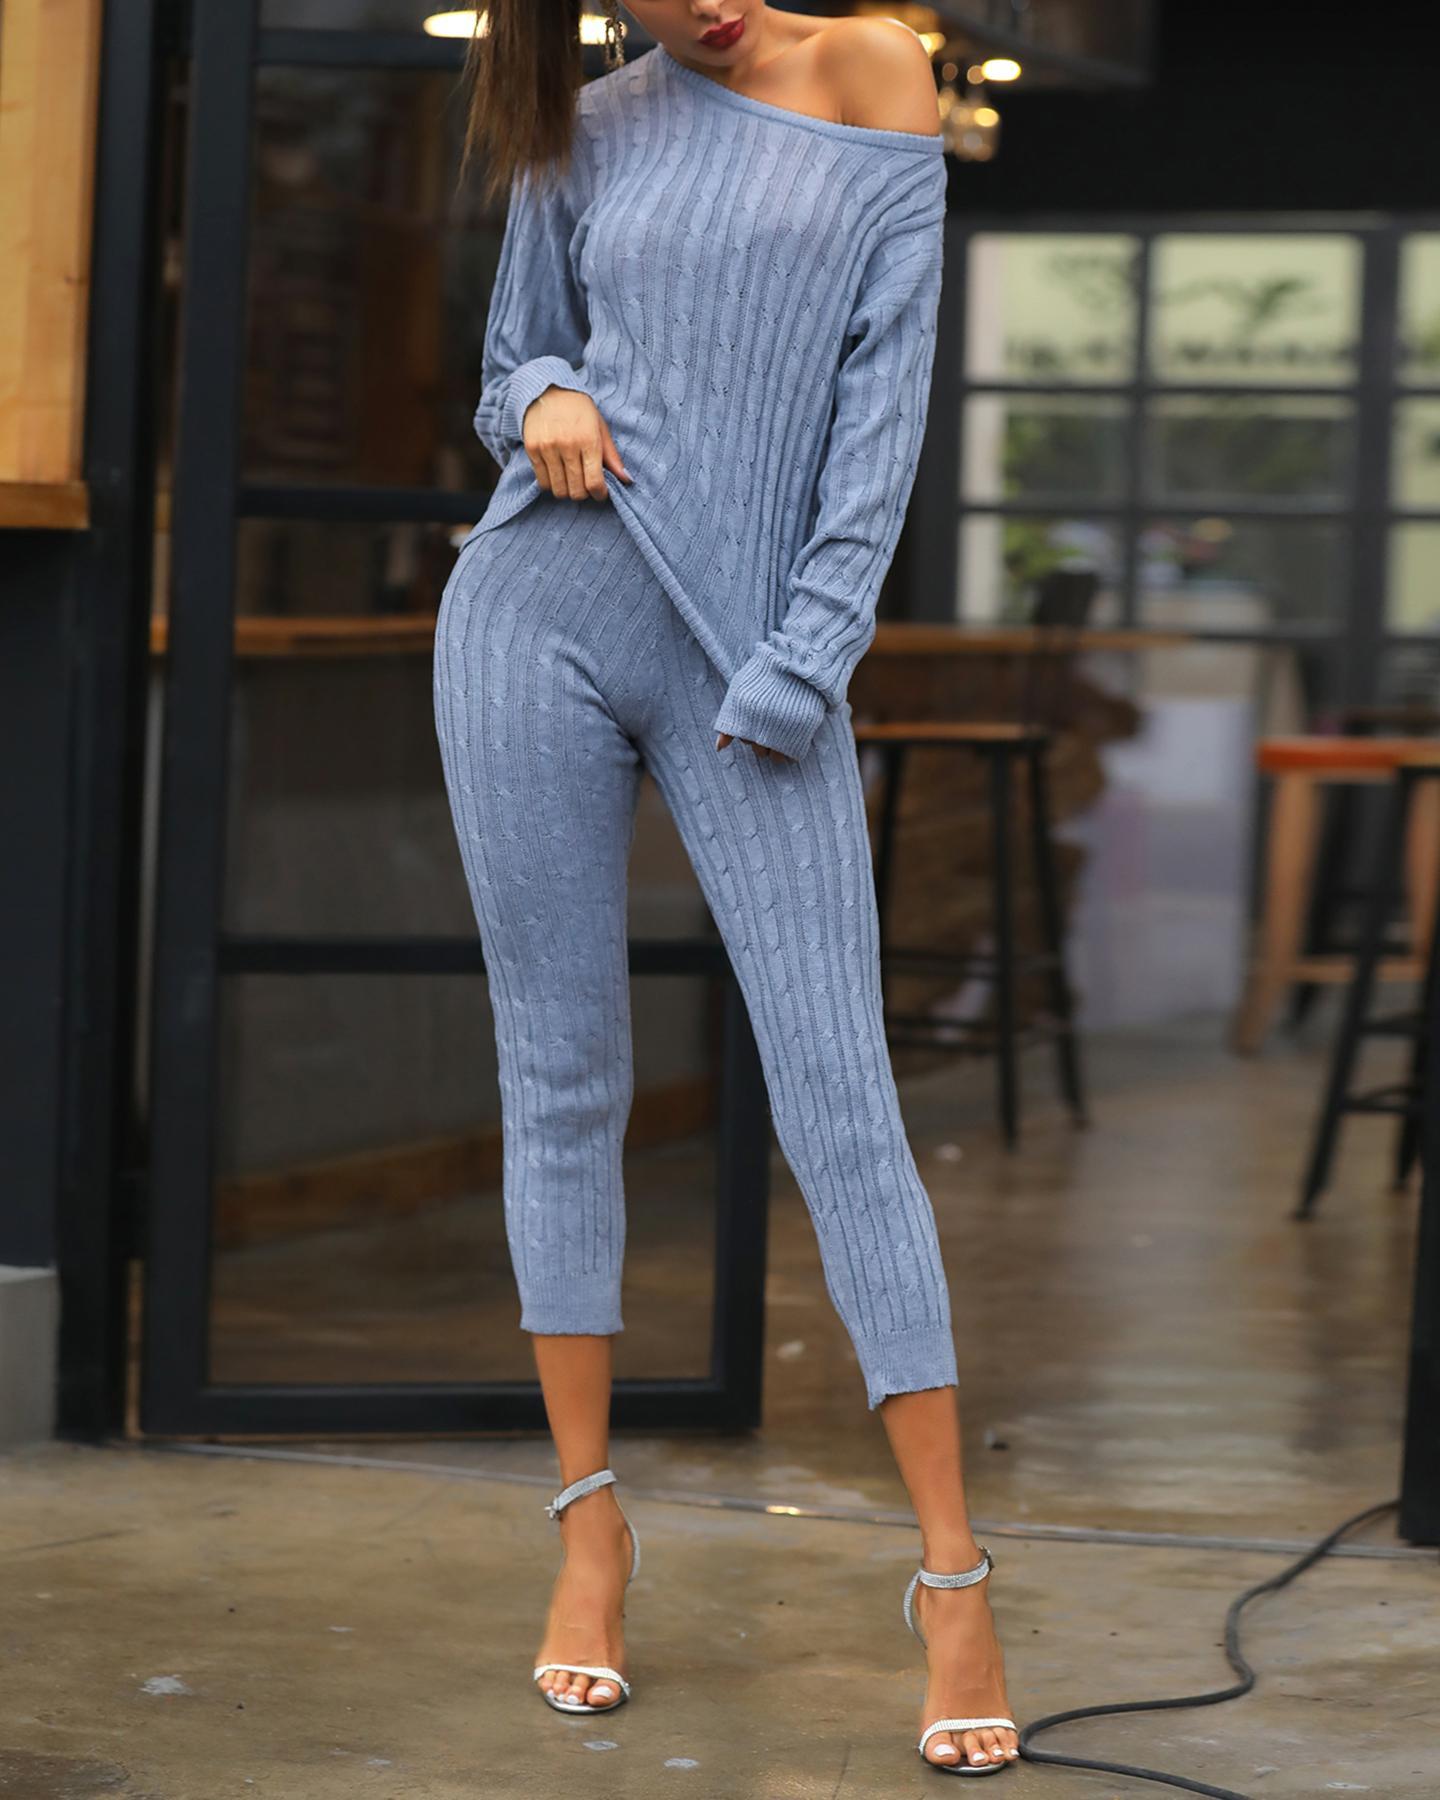 boutiquefeel / Manga larga sólida cuello redondo superior y conjuntos de pantalón